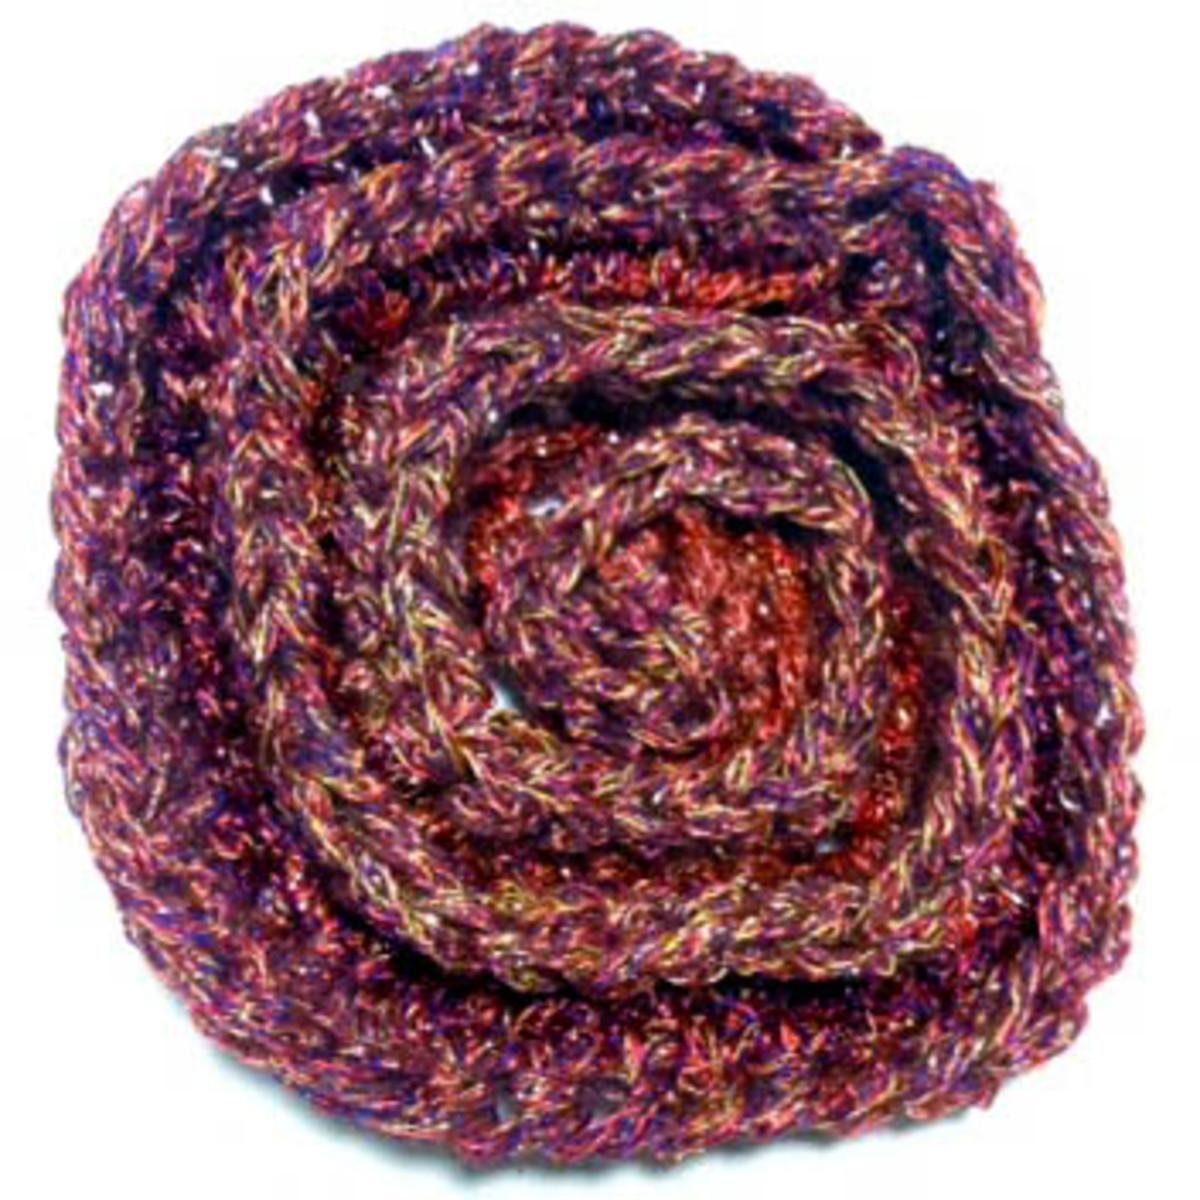 crochet-pattern-gradient-of-spirals